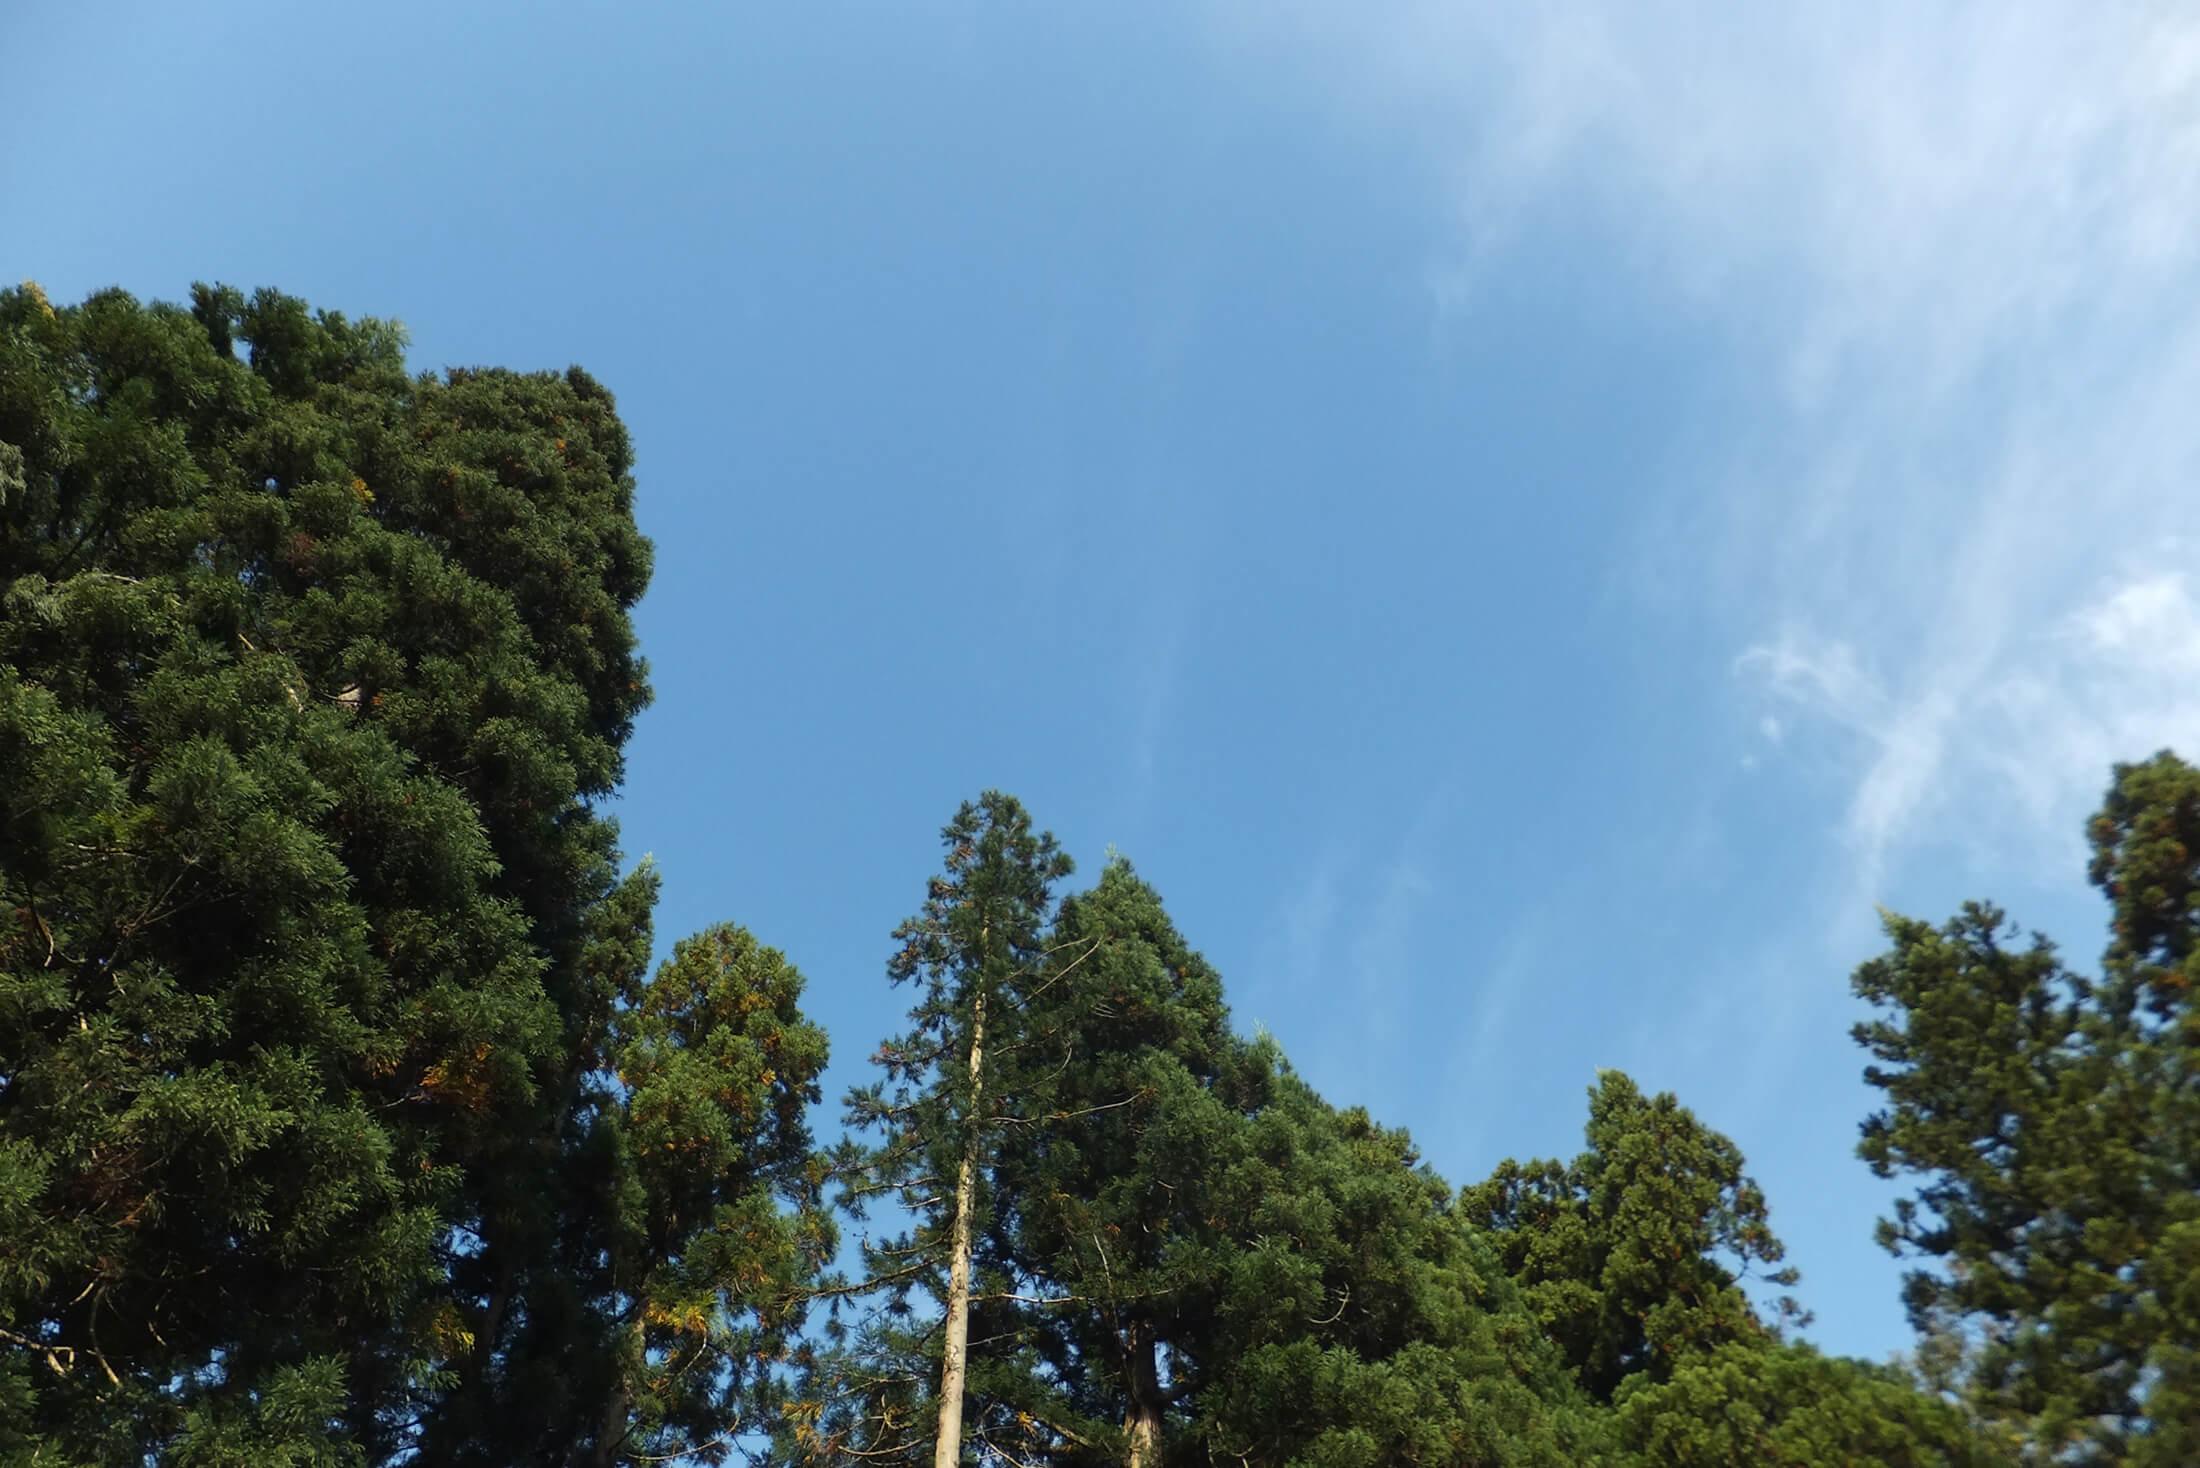 先祖代々大切に育てた山の木で わが家を建てる